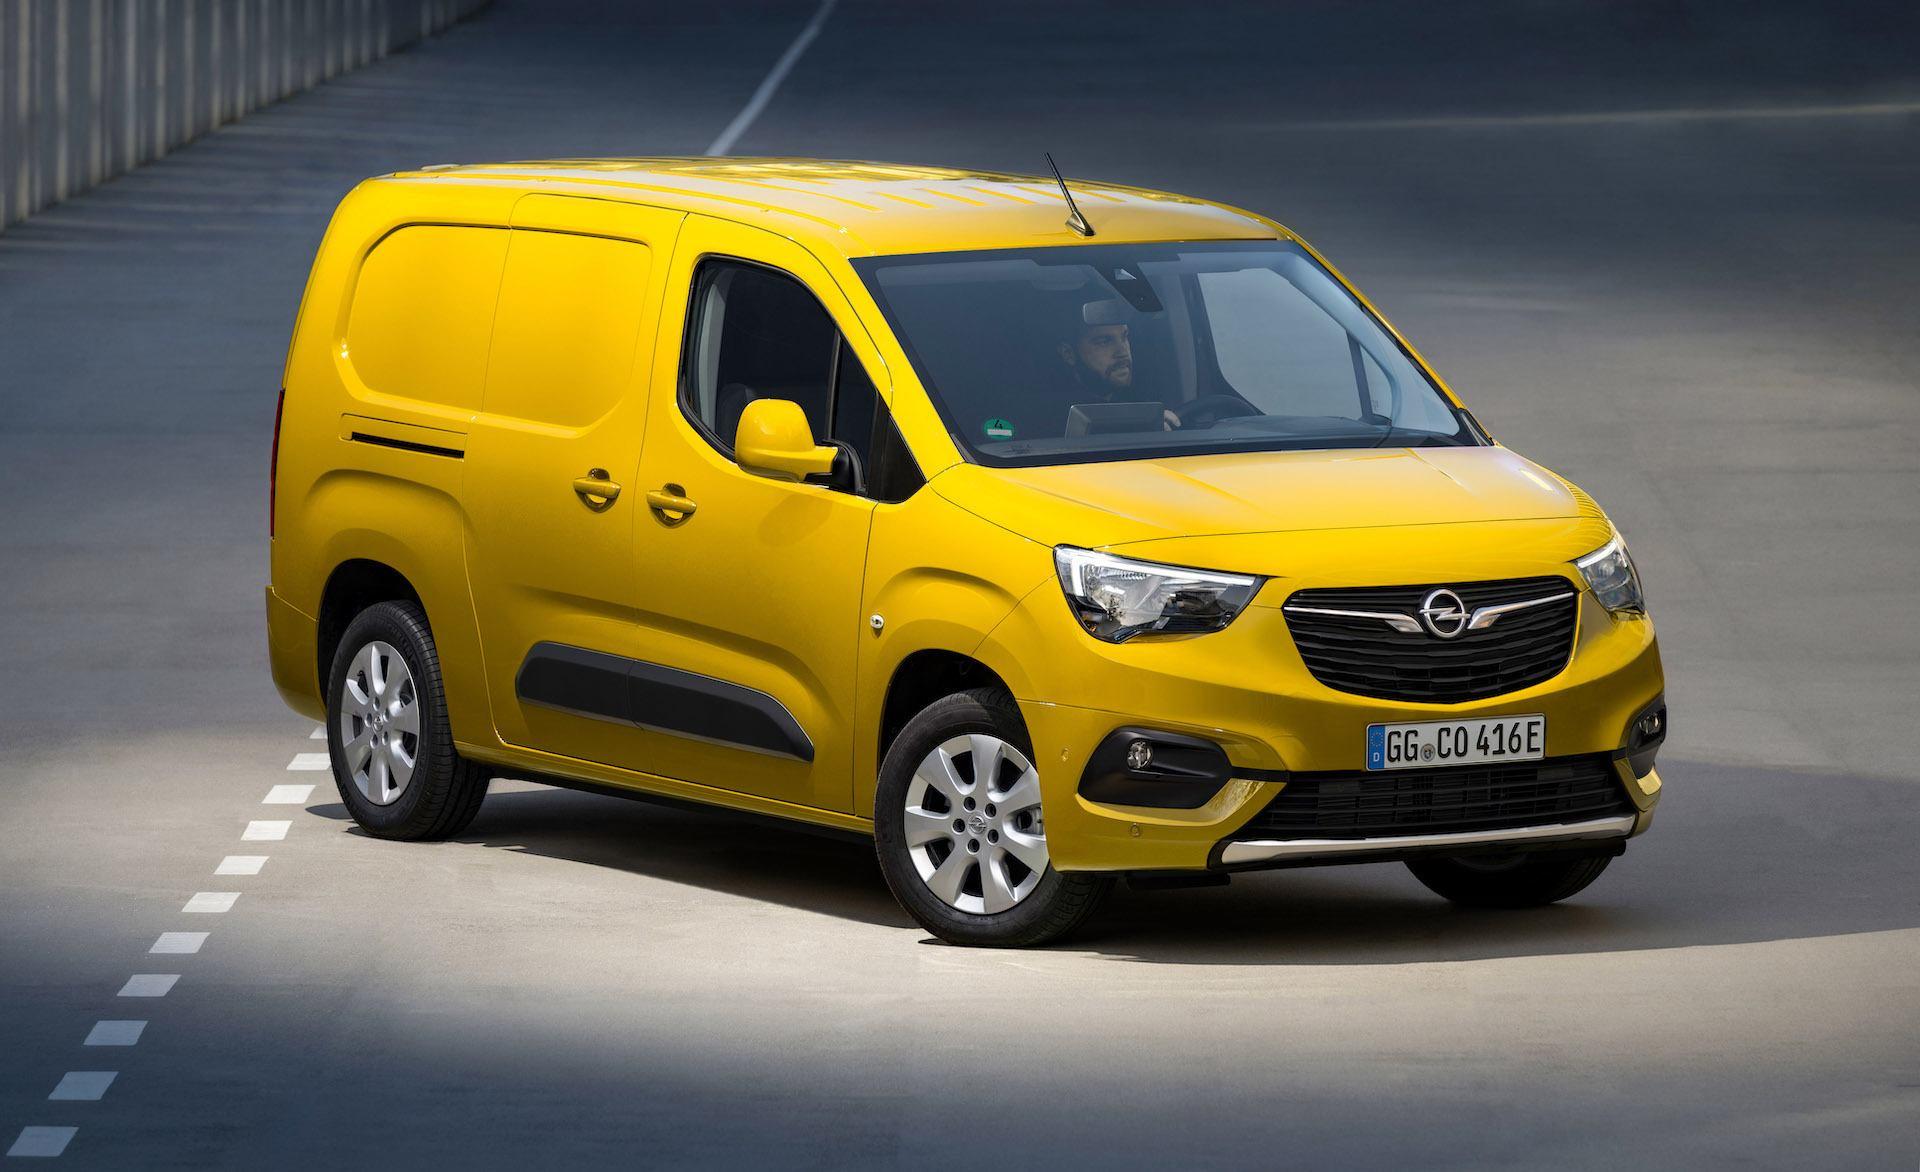 Bezkompromisowa e-mobilność: nowy kompaktowy van Opel Combo-e